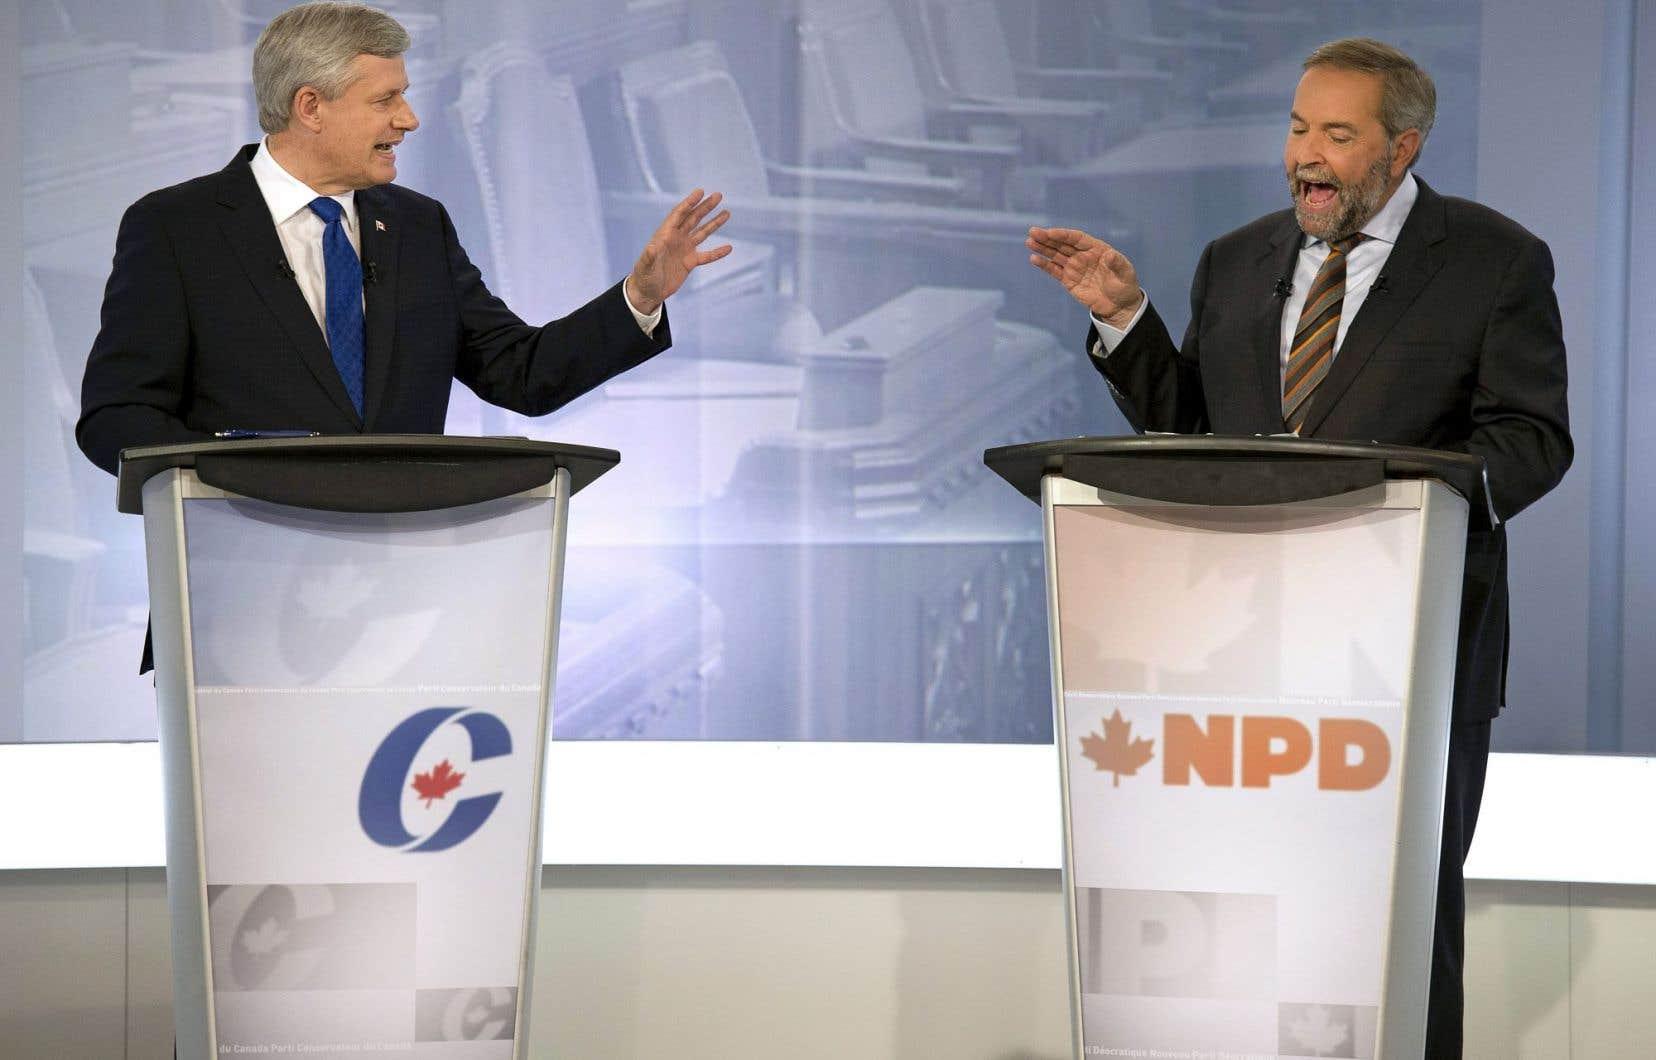 Les partis de Stephen Harper et de Thomas Mulcair devront procéder à un examen approfondi des résultats de l'élection.